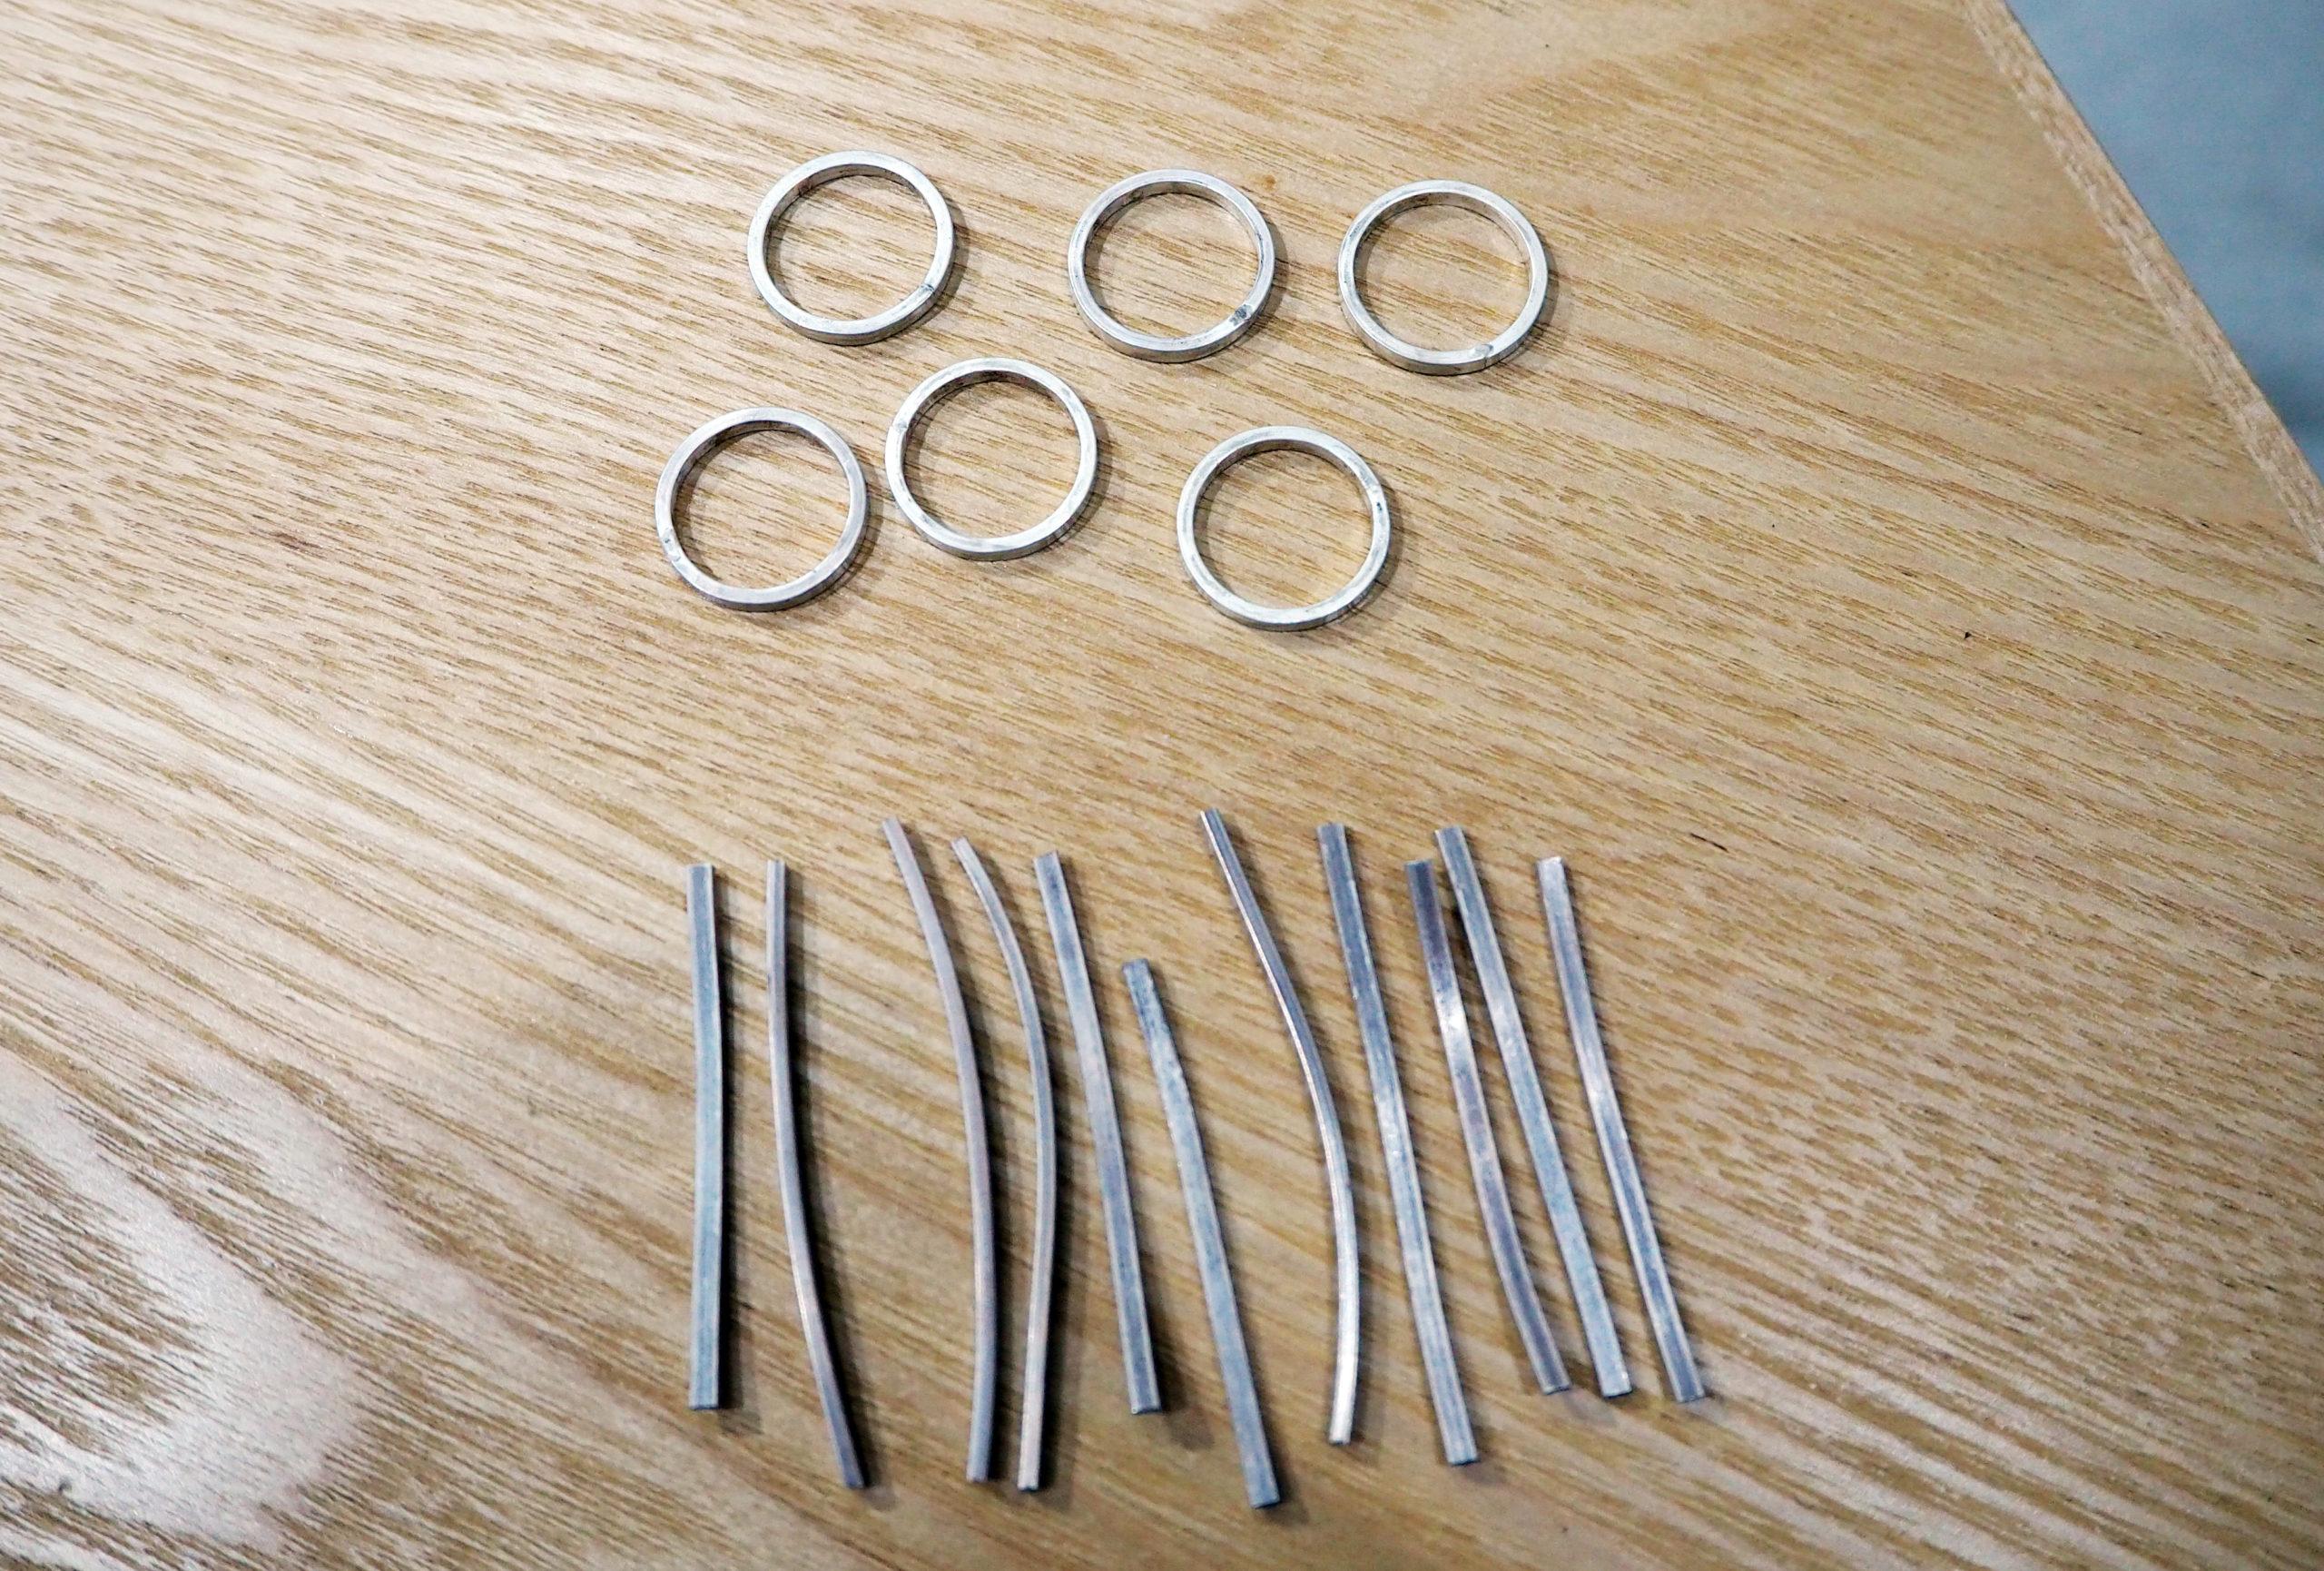 結婚指輪を手作りする前に練習用で使用するシルバー材